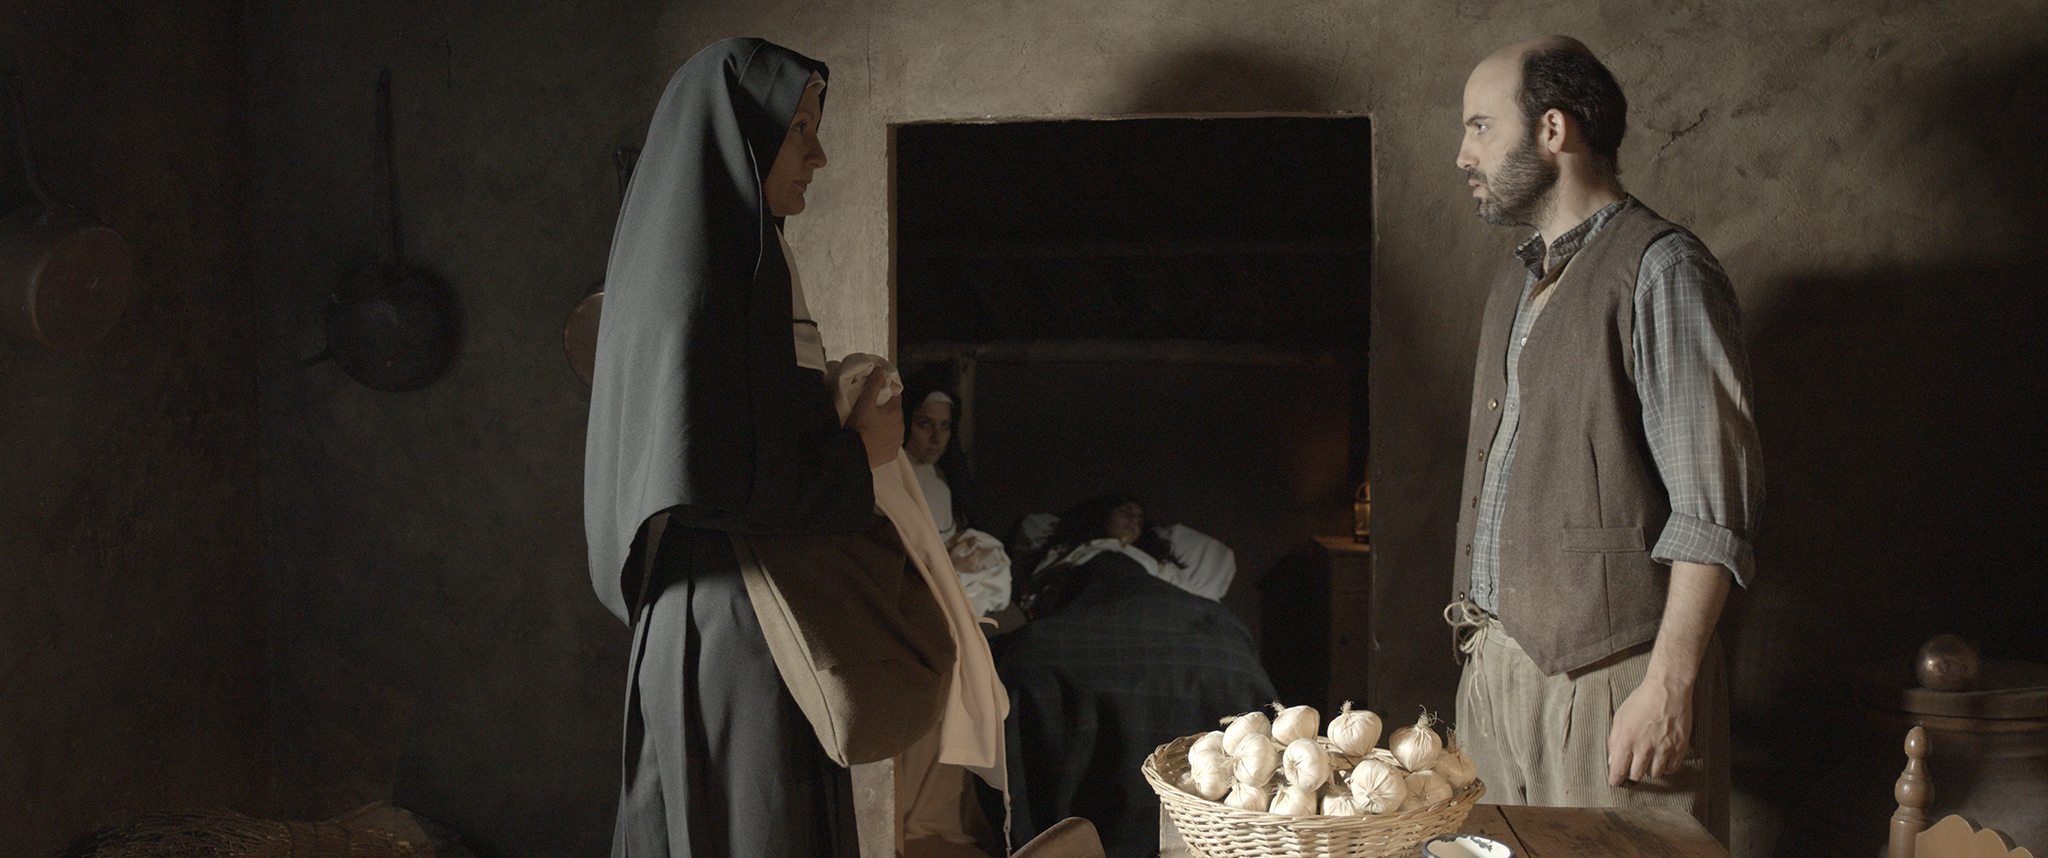 CinemaNet Luz de soledad Laura Contreras Elena Furiase